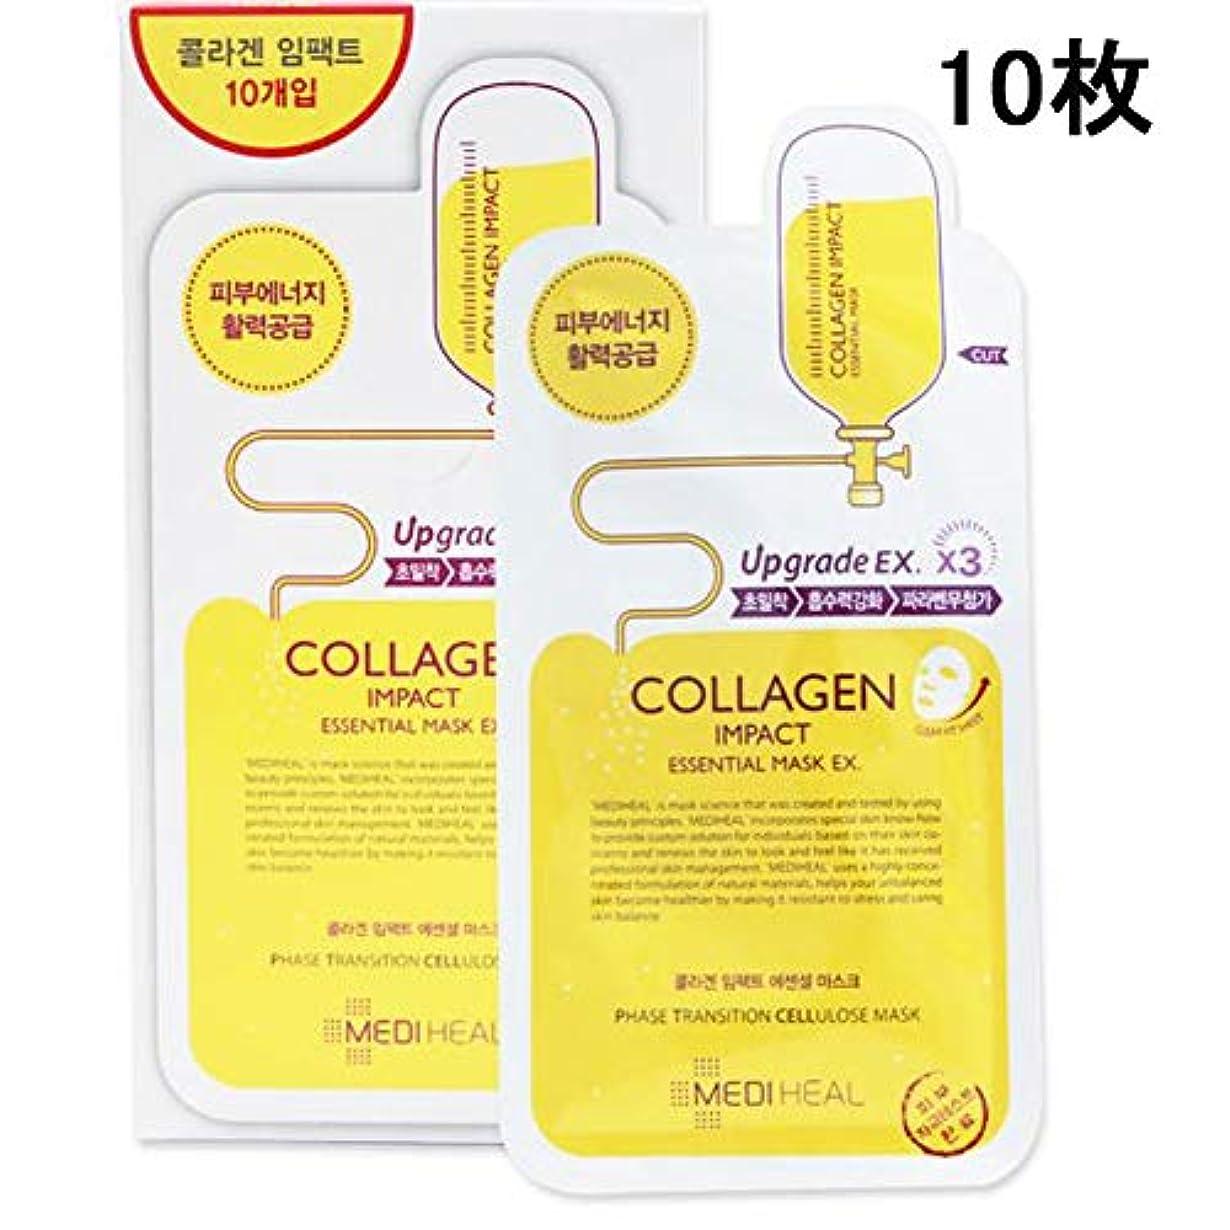 くすぐったいアルカトラズ島強風[メディヒール] Mediheal Colagen Impact Essential Mask メディヒールコラーゲンインパクトエッセンシャルマスクシートEX 10枚 (24ml) [海外直送品][並行輸入品]